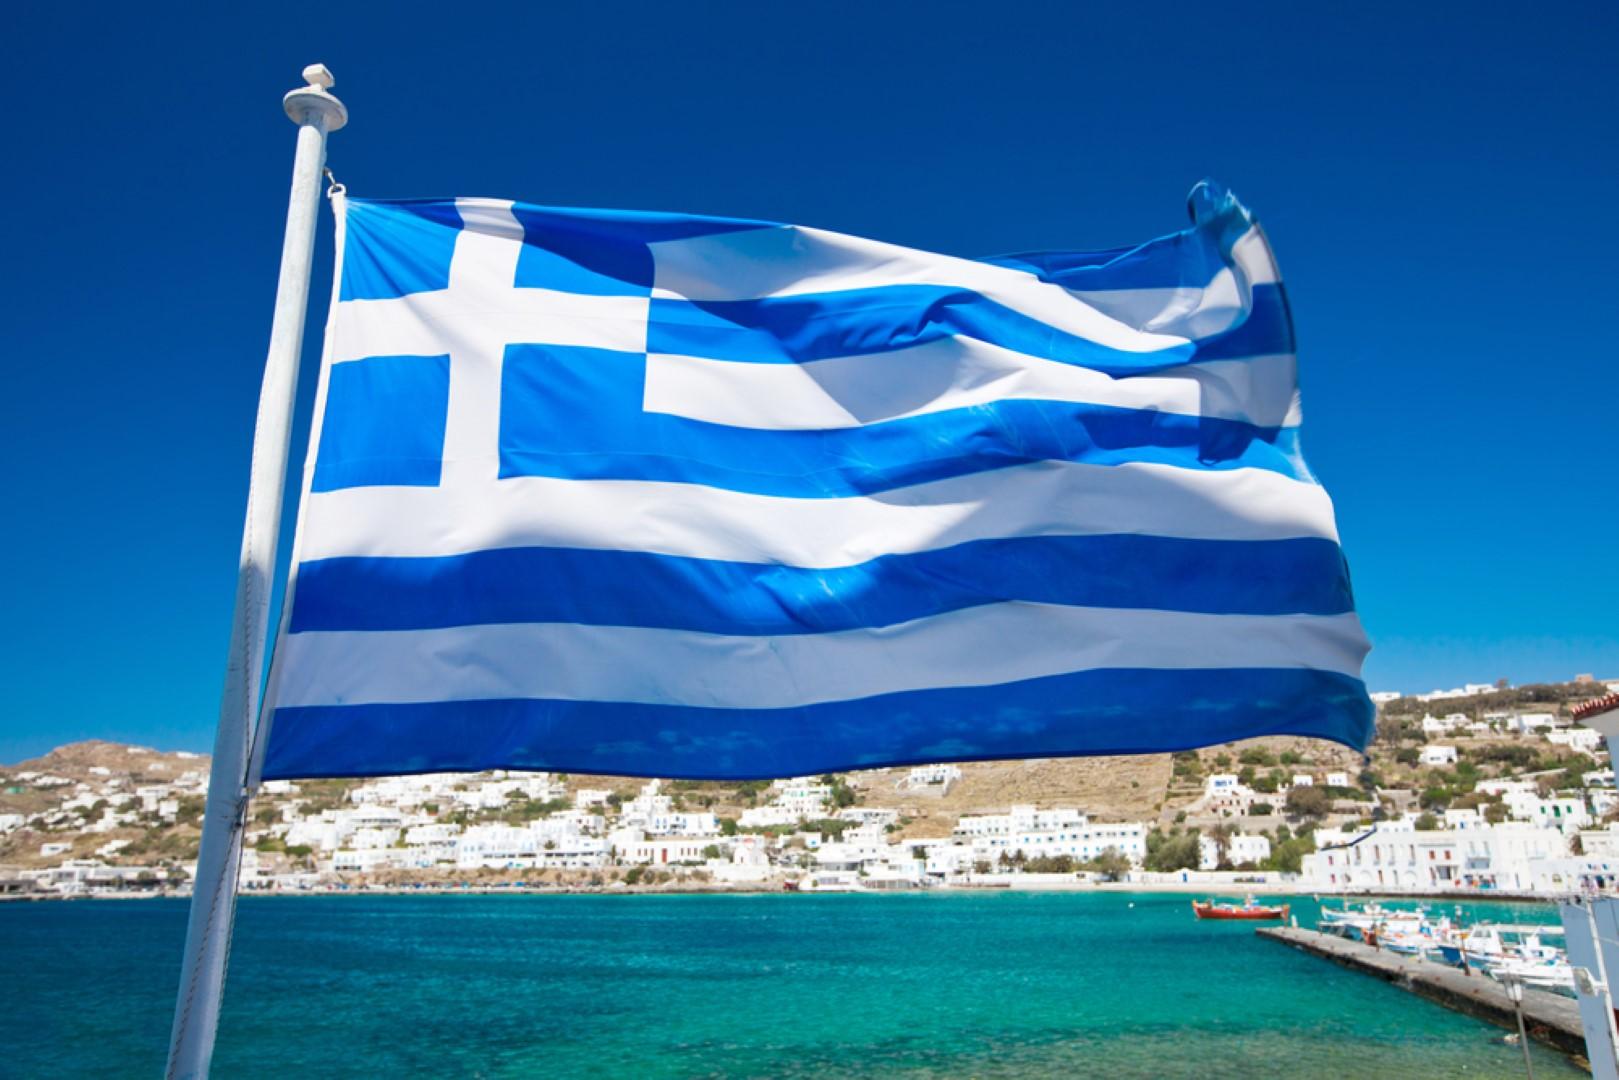 Αποκτήστε την ελληνική χρυσή βίζα επενδύοντας σε ελληνικές εταιρείες